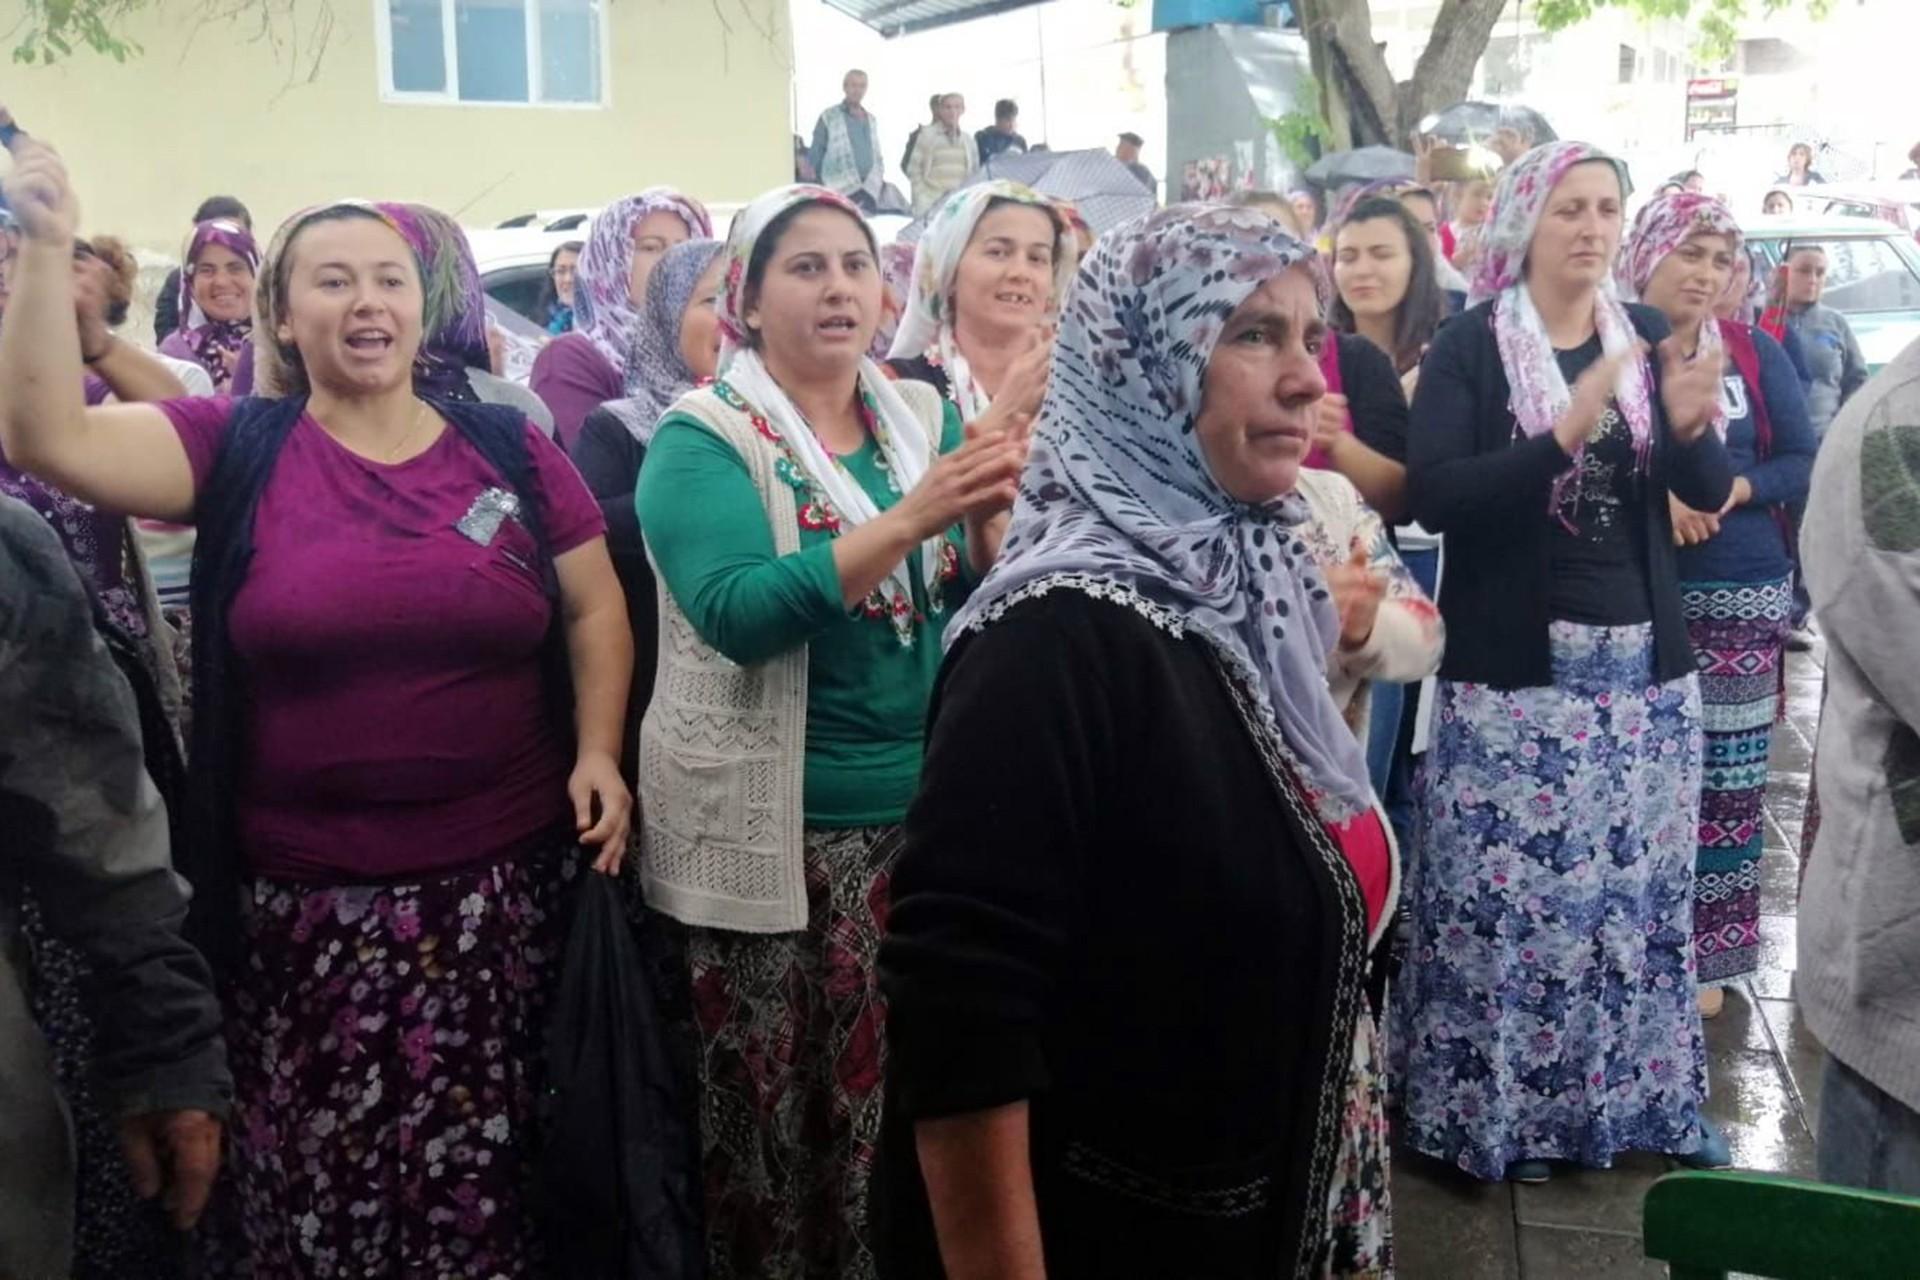 Aydın'da Mutaflar köylüleri madene ÇED toplantısı yaptırmadı